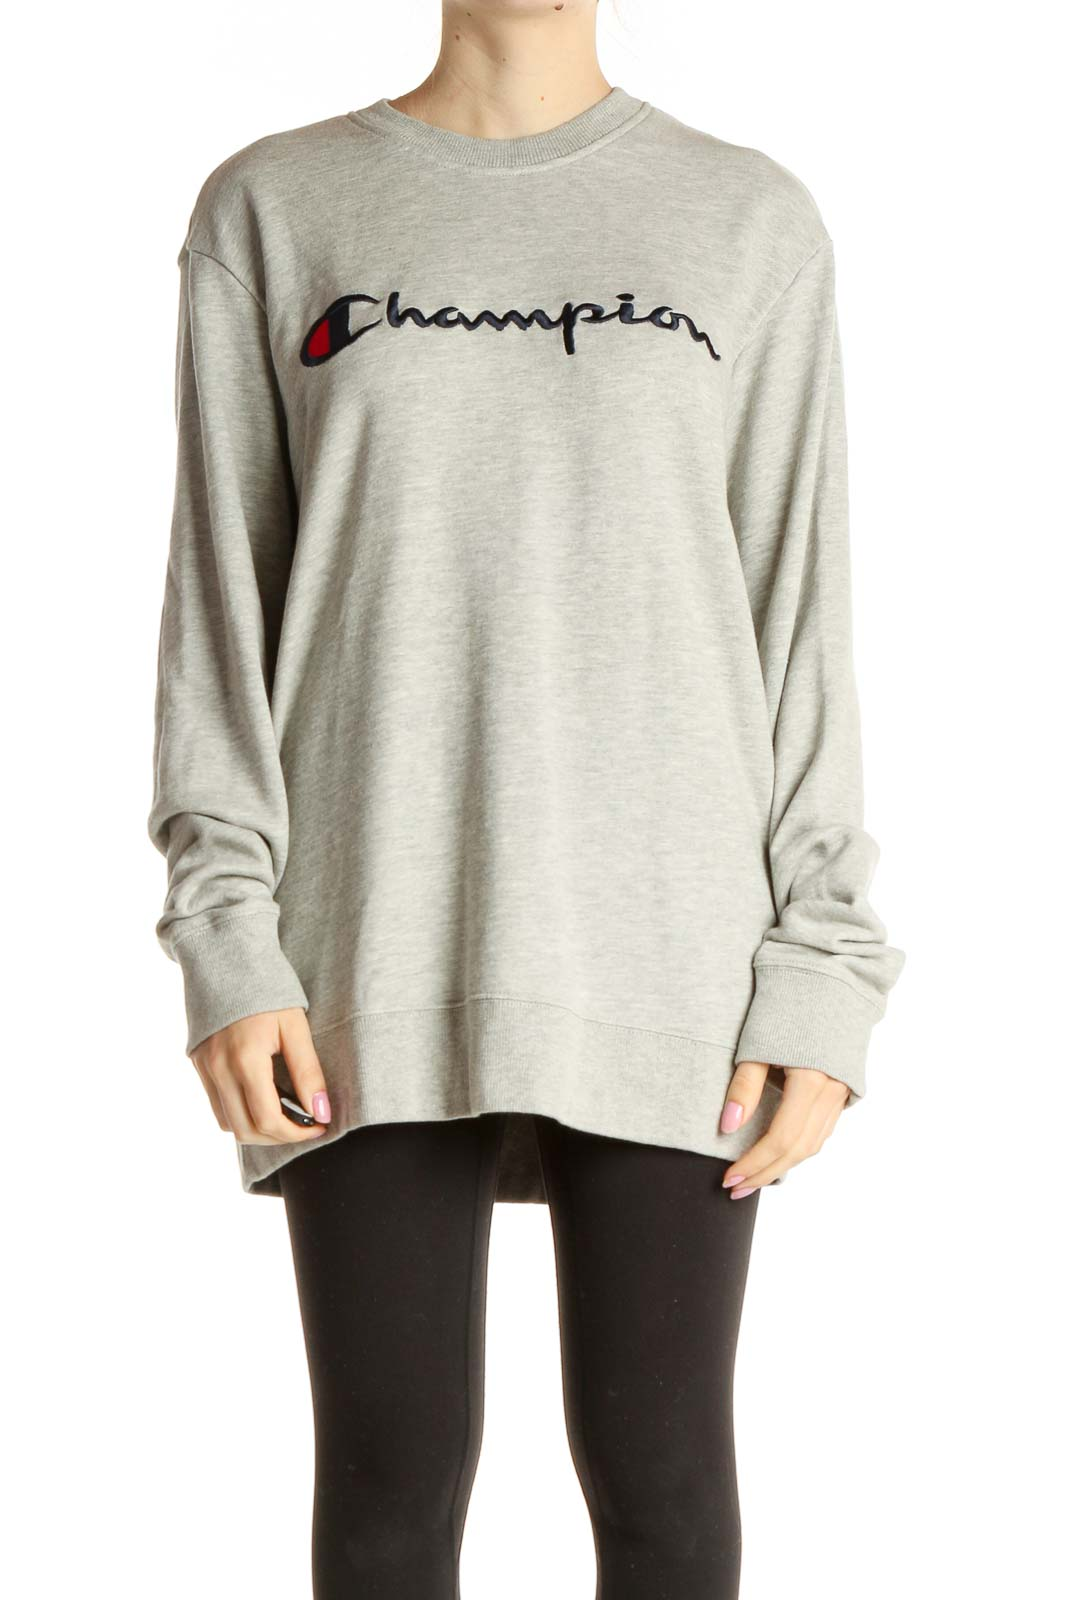 Gray Sweatshirt Front